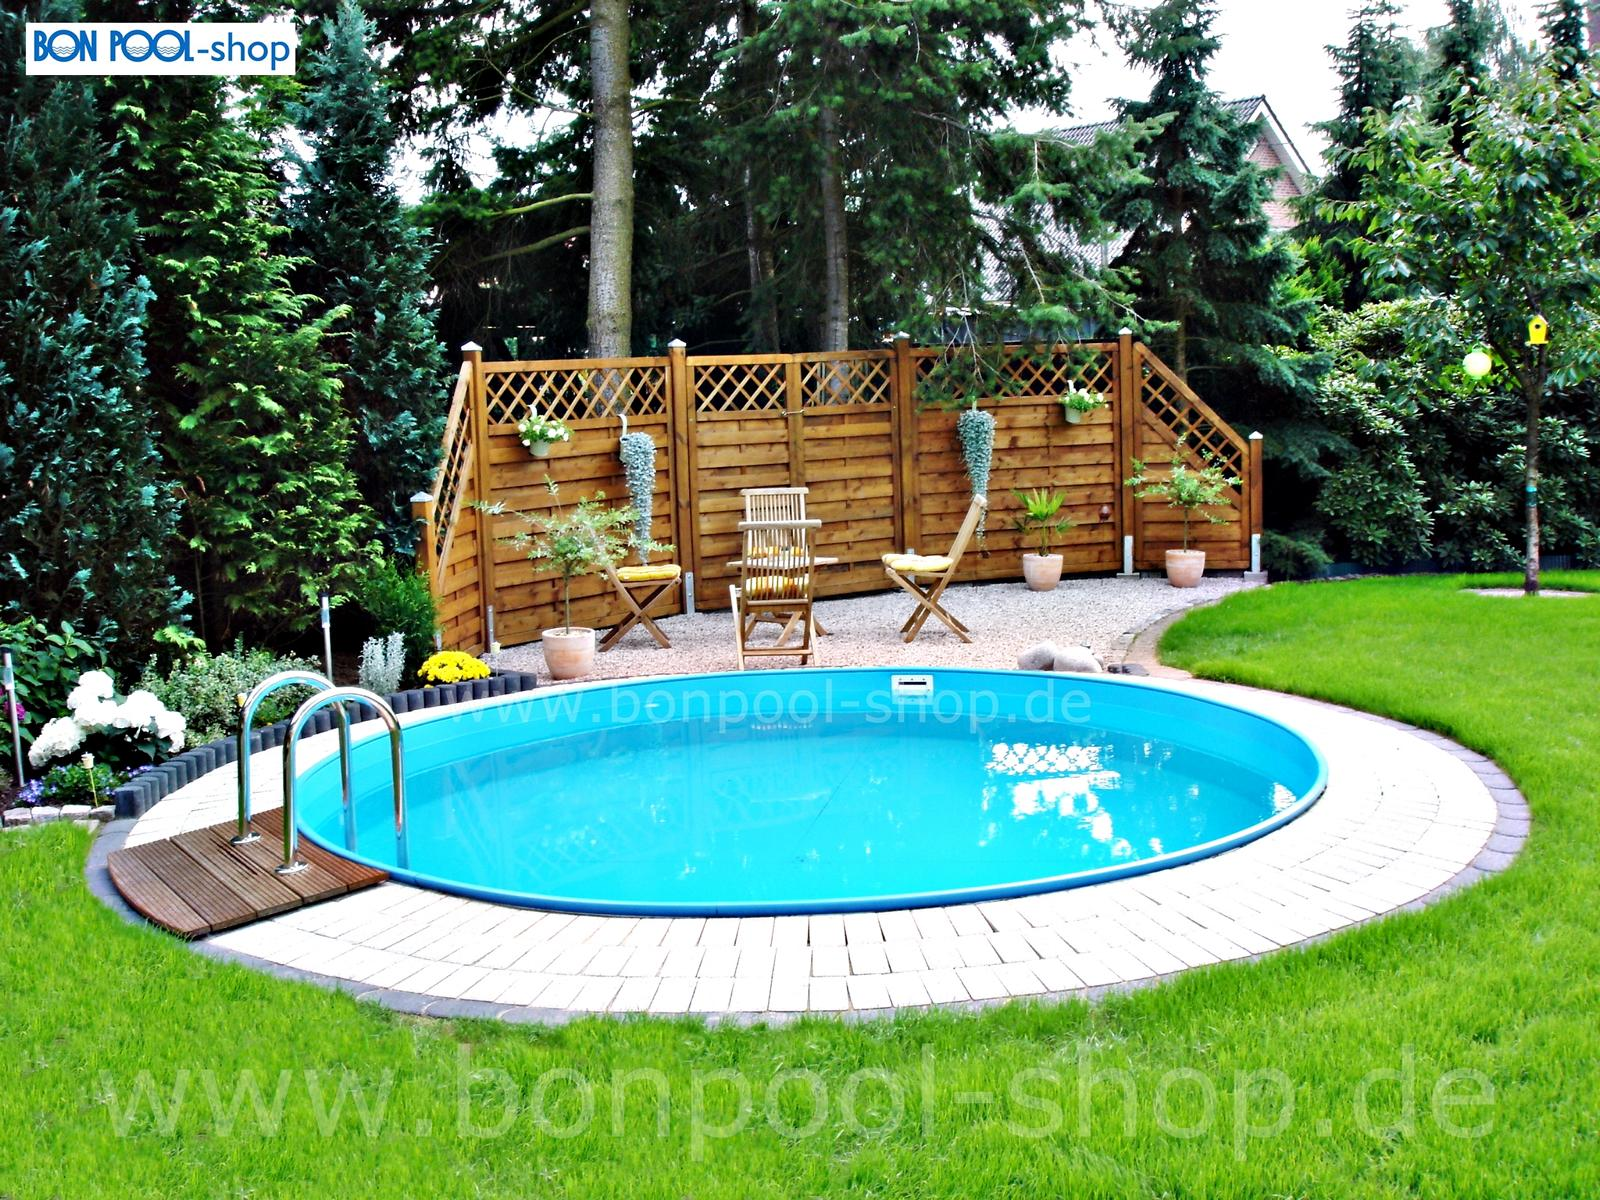 Rundbecken set 300 tiefe 120 poolpaket bon pool for Aufstellbecken pool